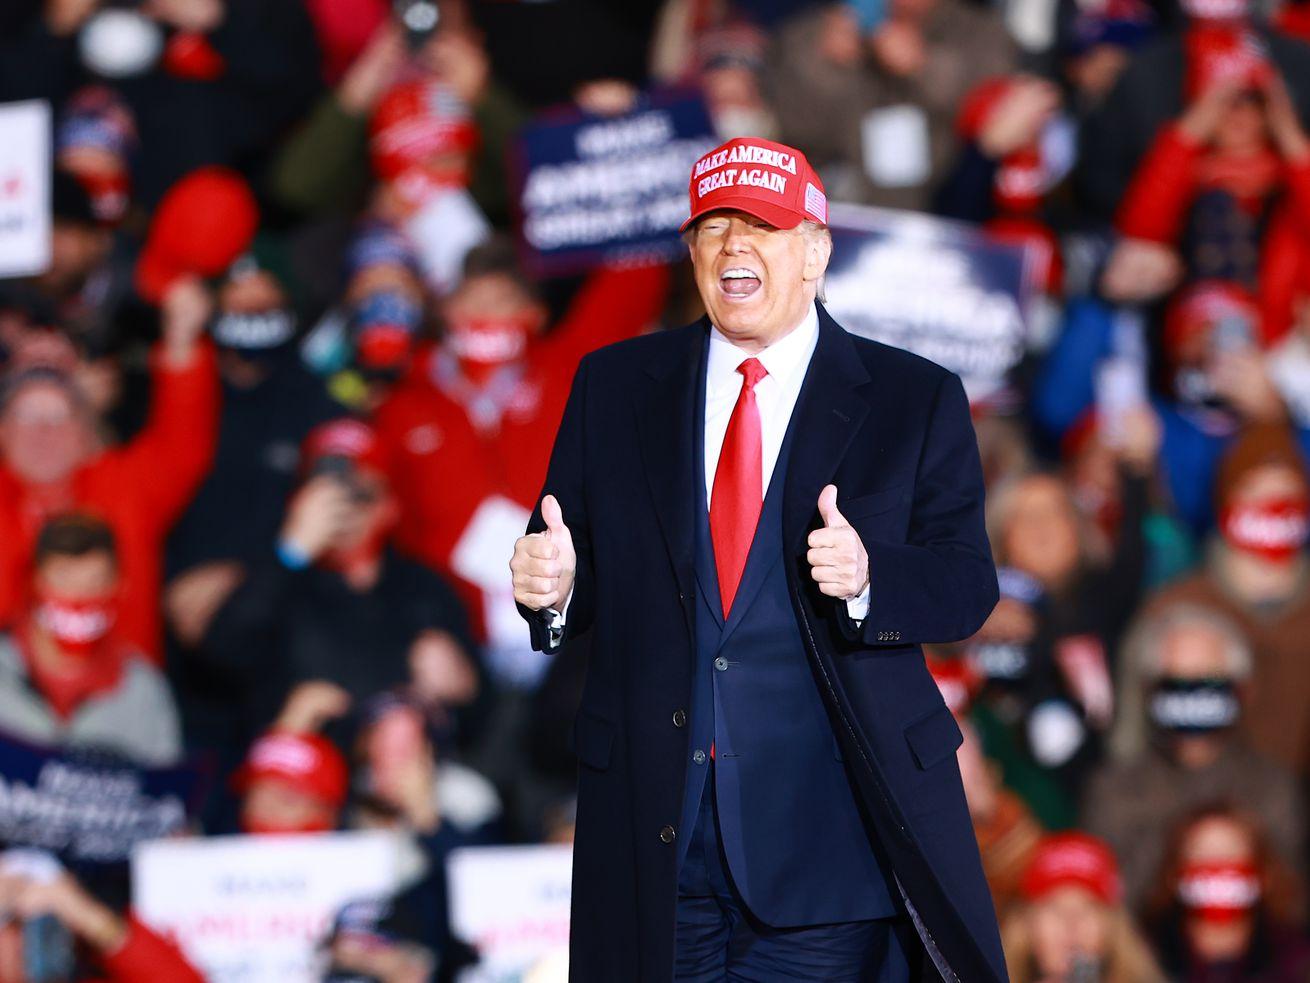 Le président Trump, faisant des gestes et parlant, porte un chapeau rouge MAGA, un costume bleu marine et un pardessus sombre devant une foule de ses partisans.